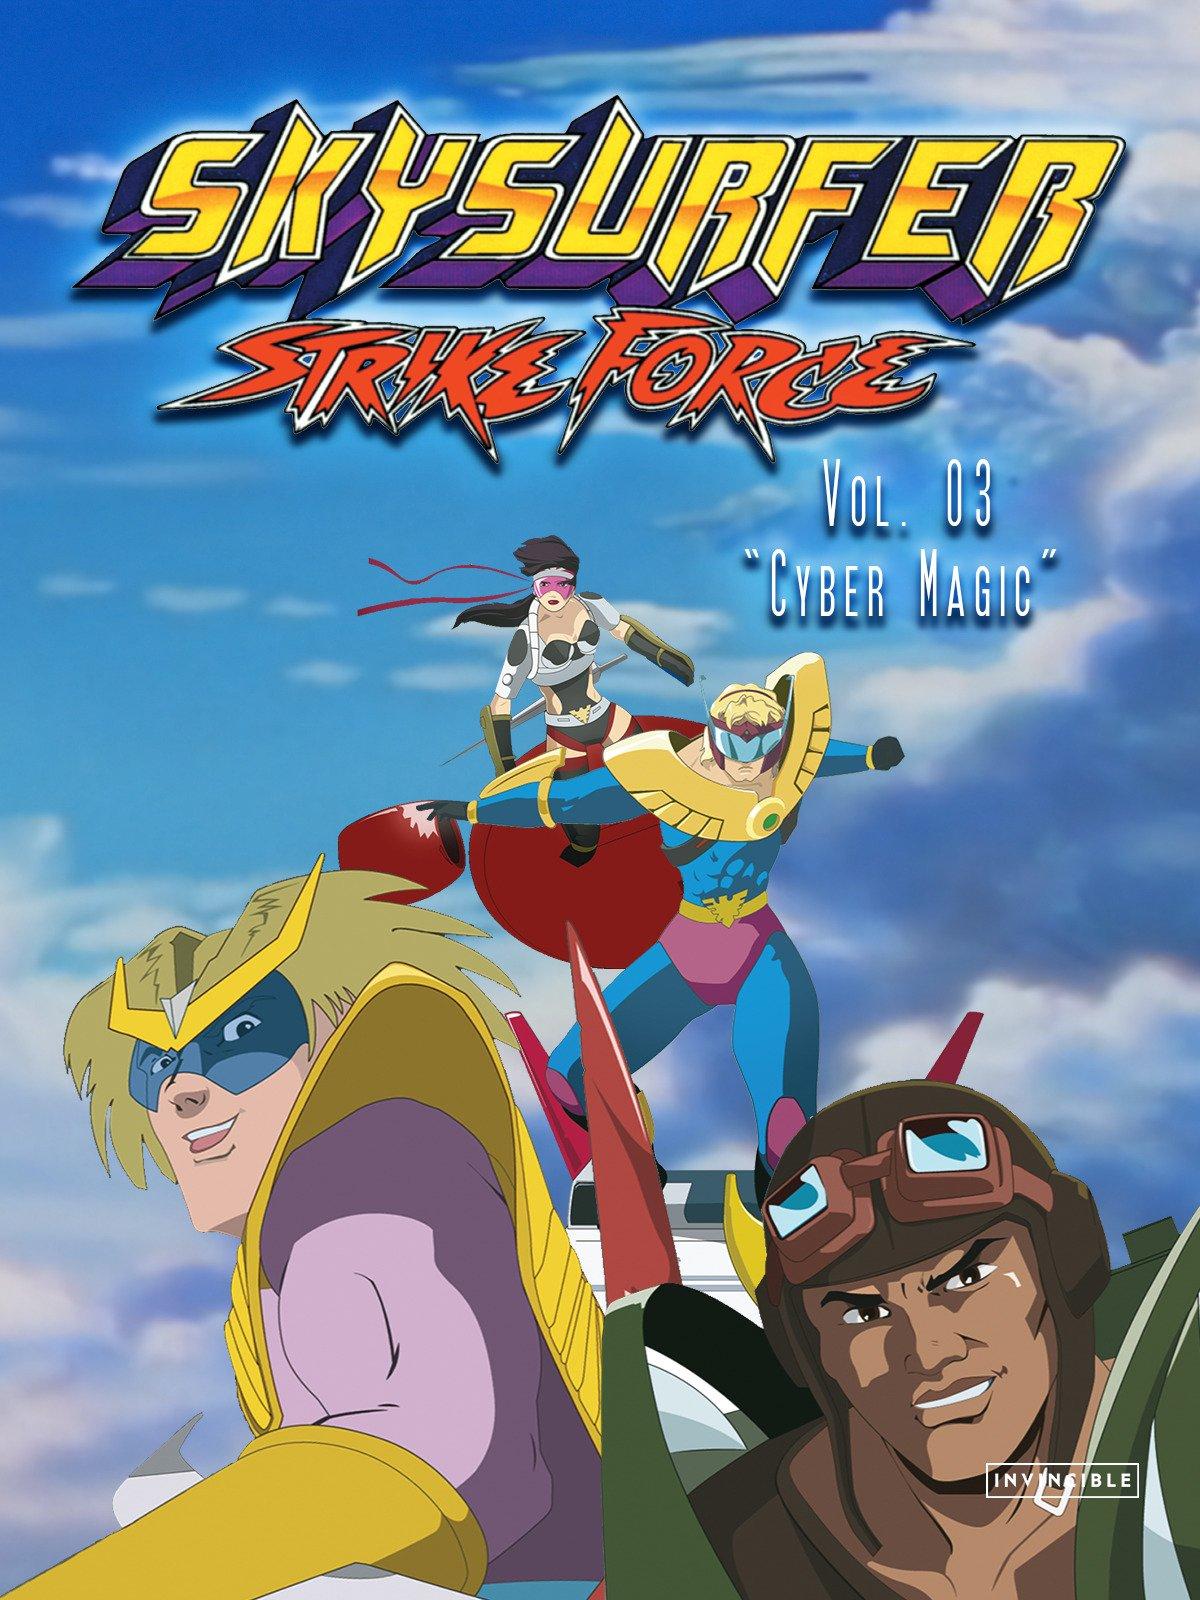 Skysurfer Strike Force Vol. 03Cyber Magic